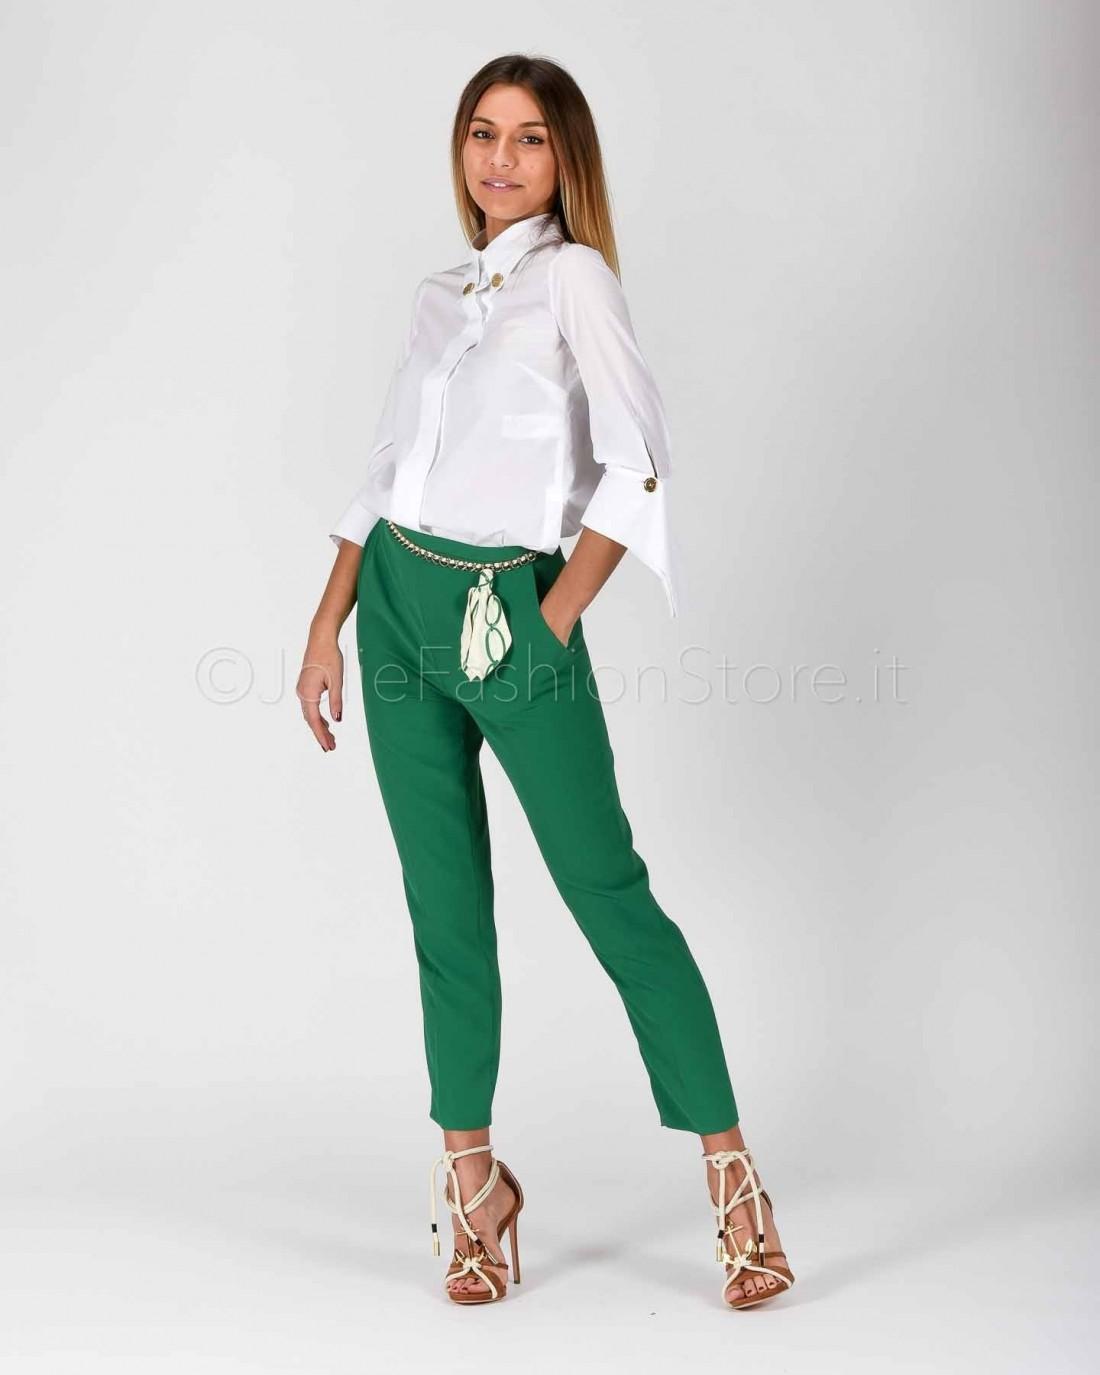 Elisabetta Franchi Pantalone con Catena Verde  PA05001E2-124